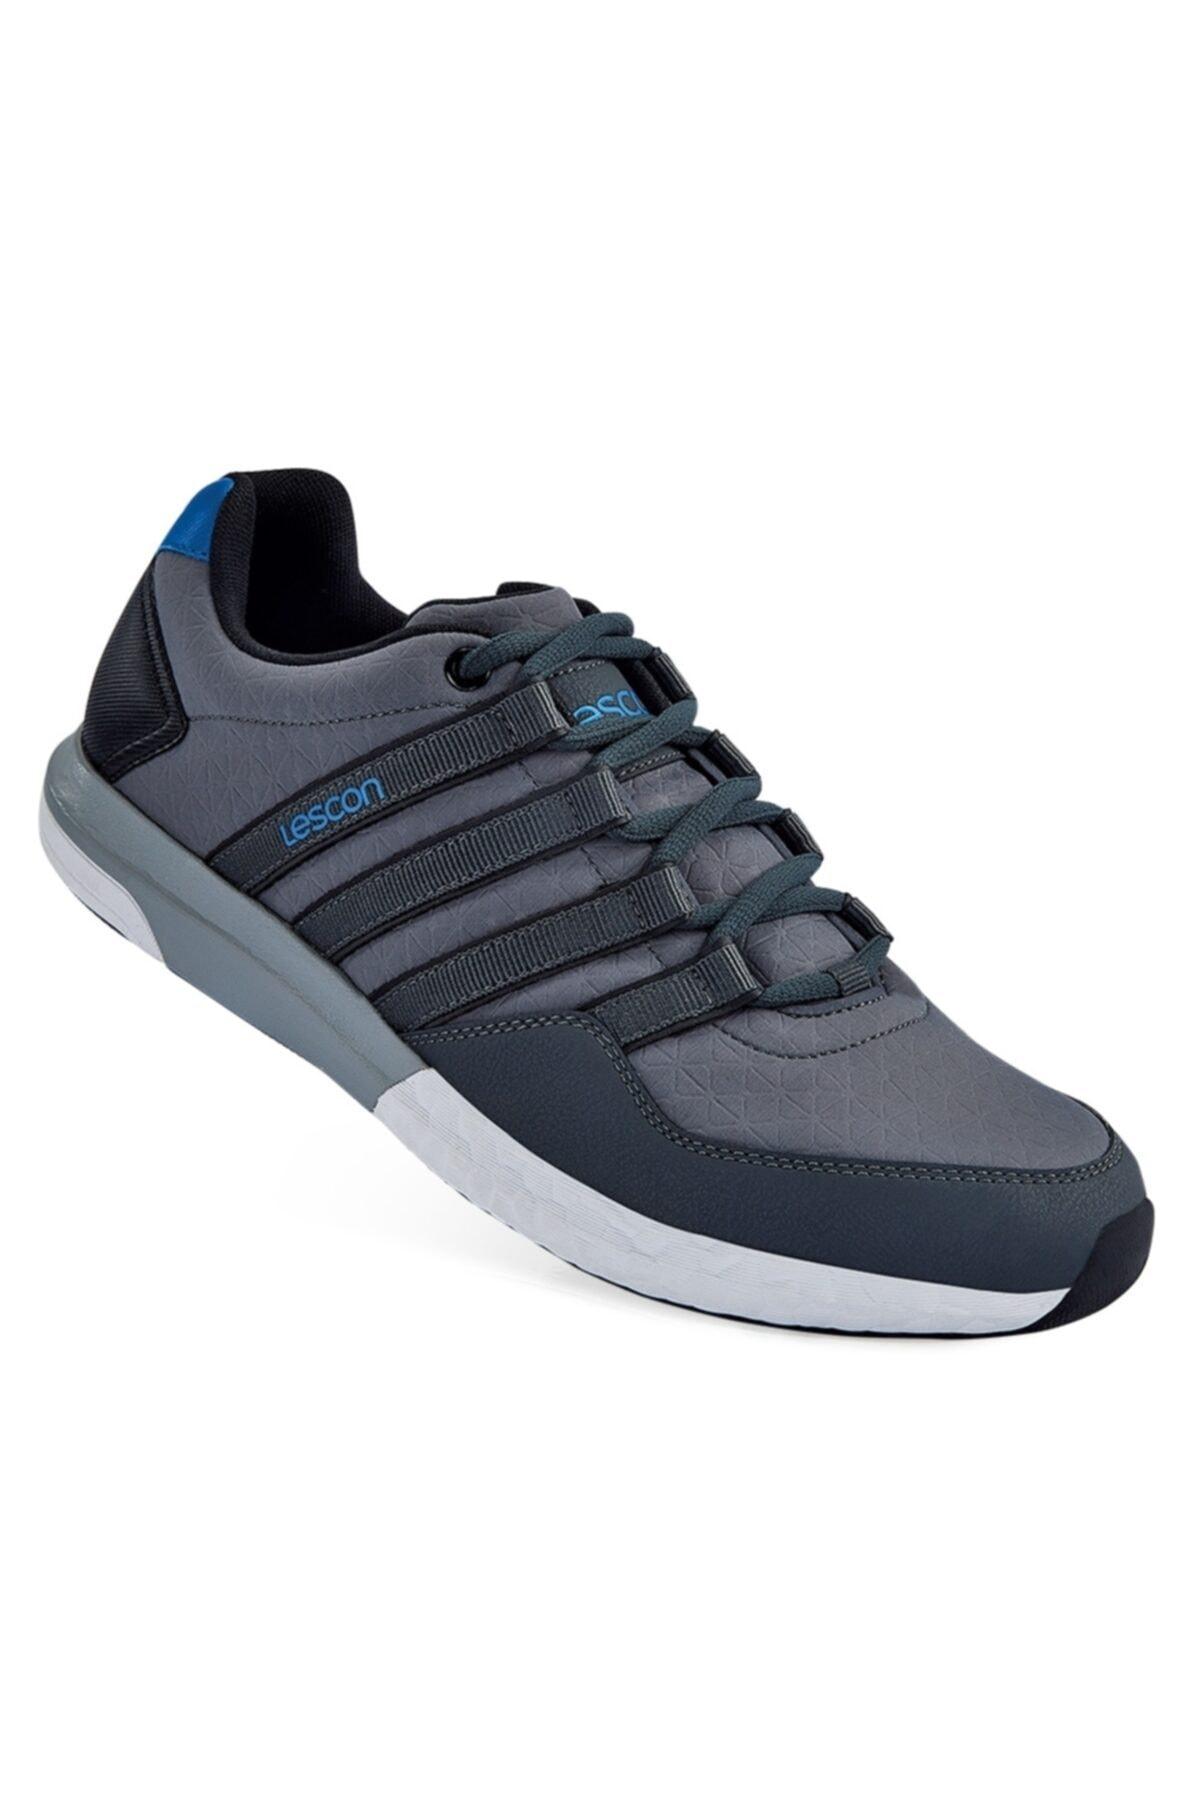 Lescon Unisex Füme Bağcıklı Easystep Spor Ayakkabı 1